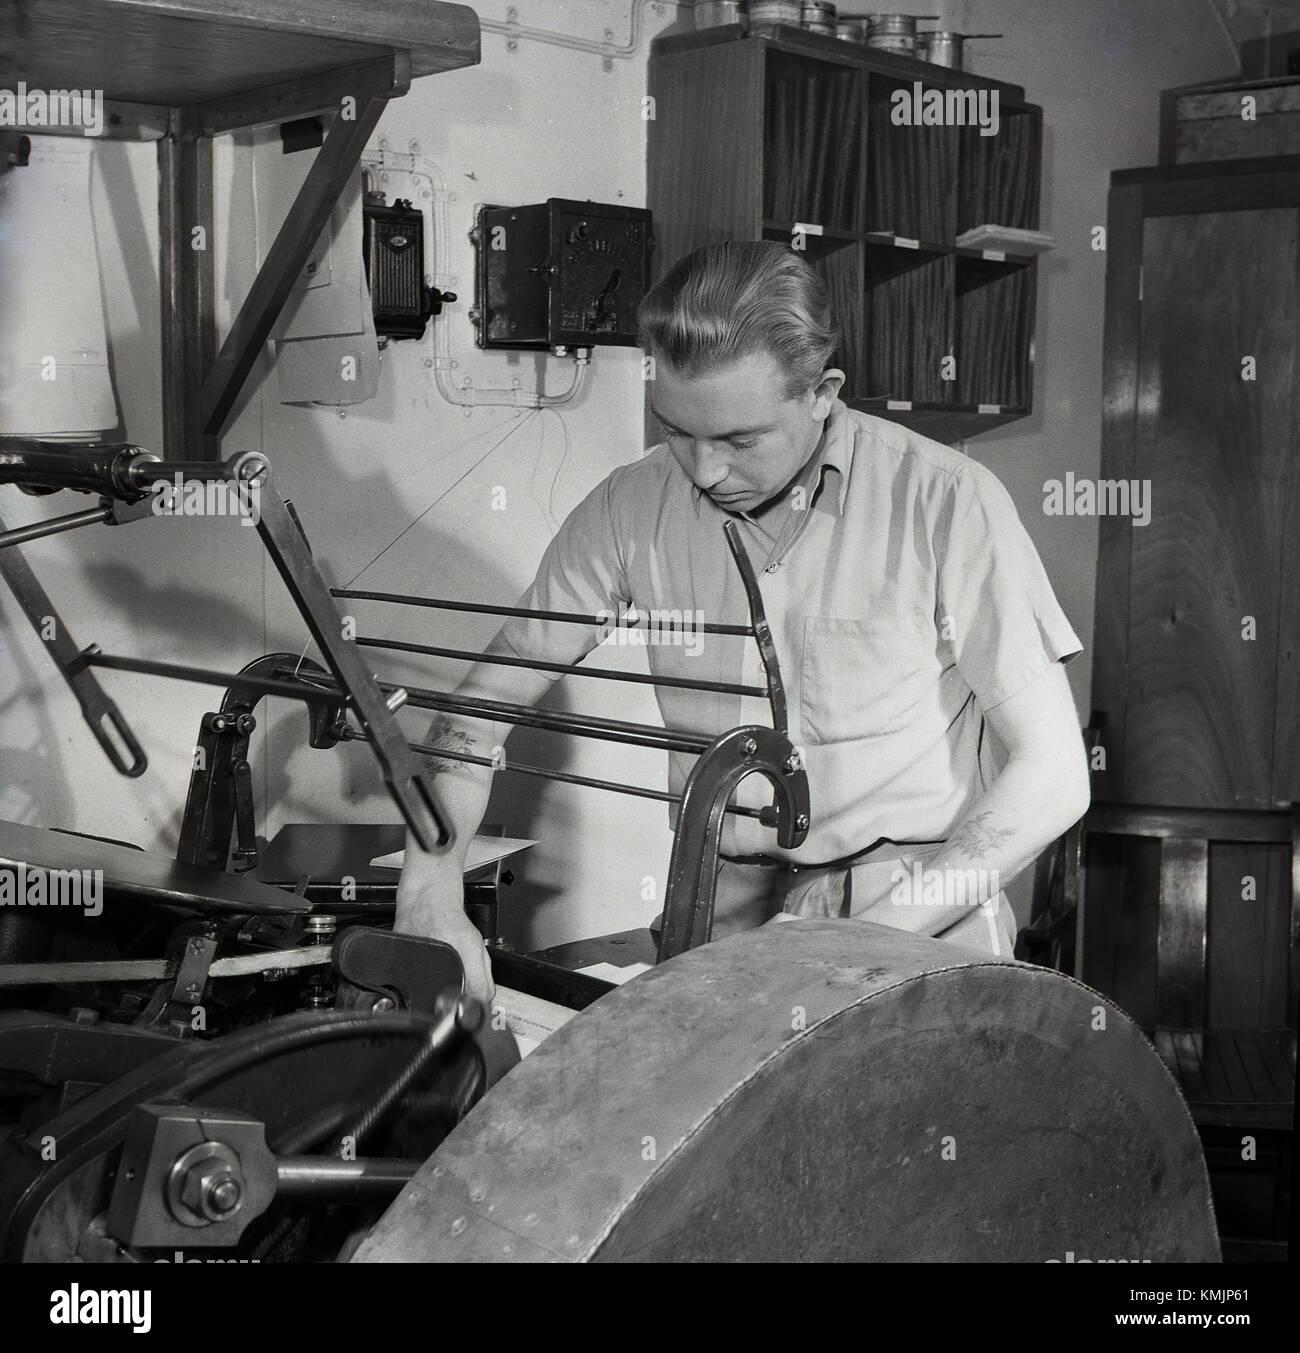 1950s, históricos, trabajando en la sala de impresión en un Union-Castle mailship. Estos mailships corrió Imagen De Stock